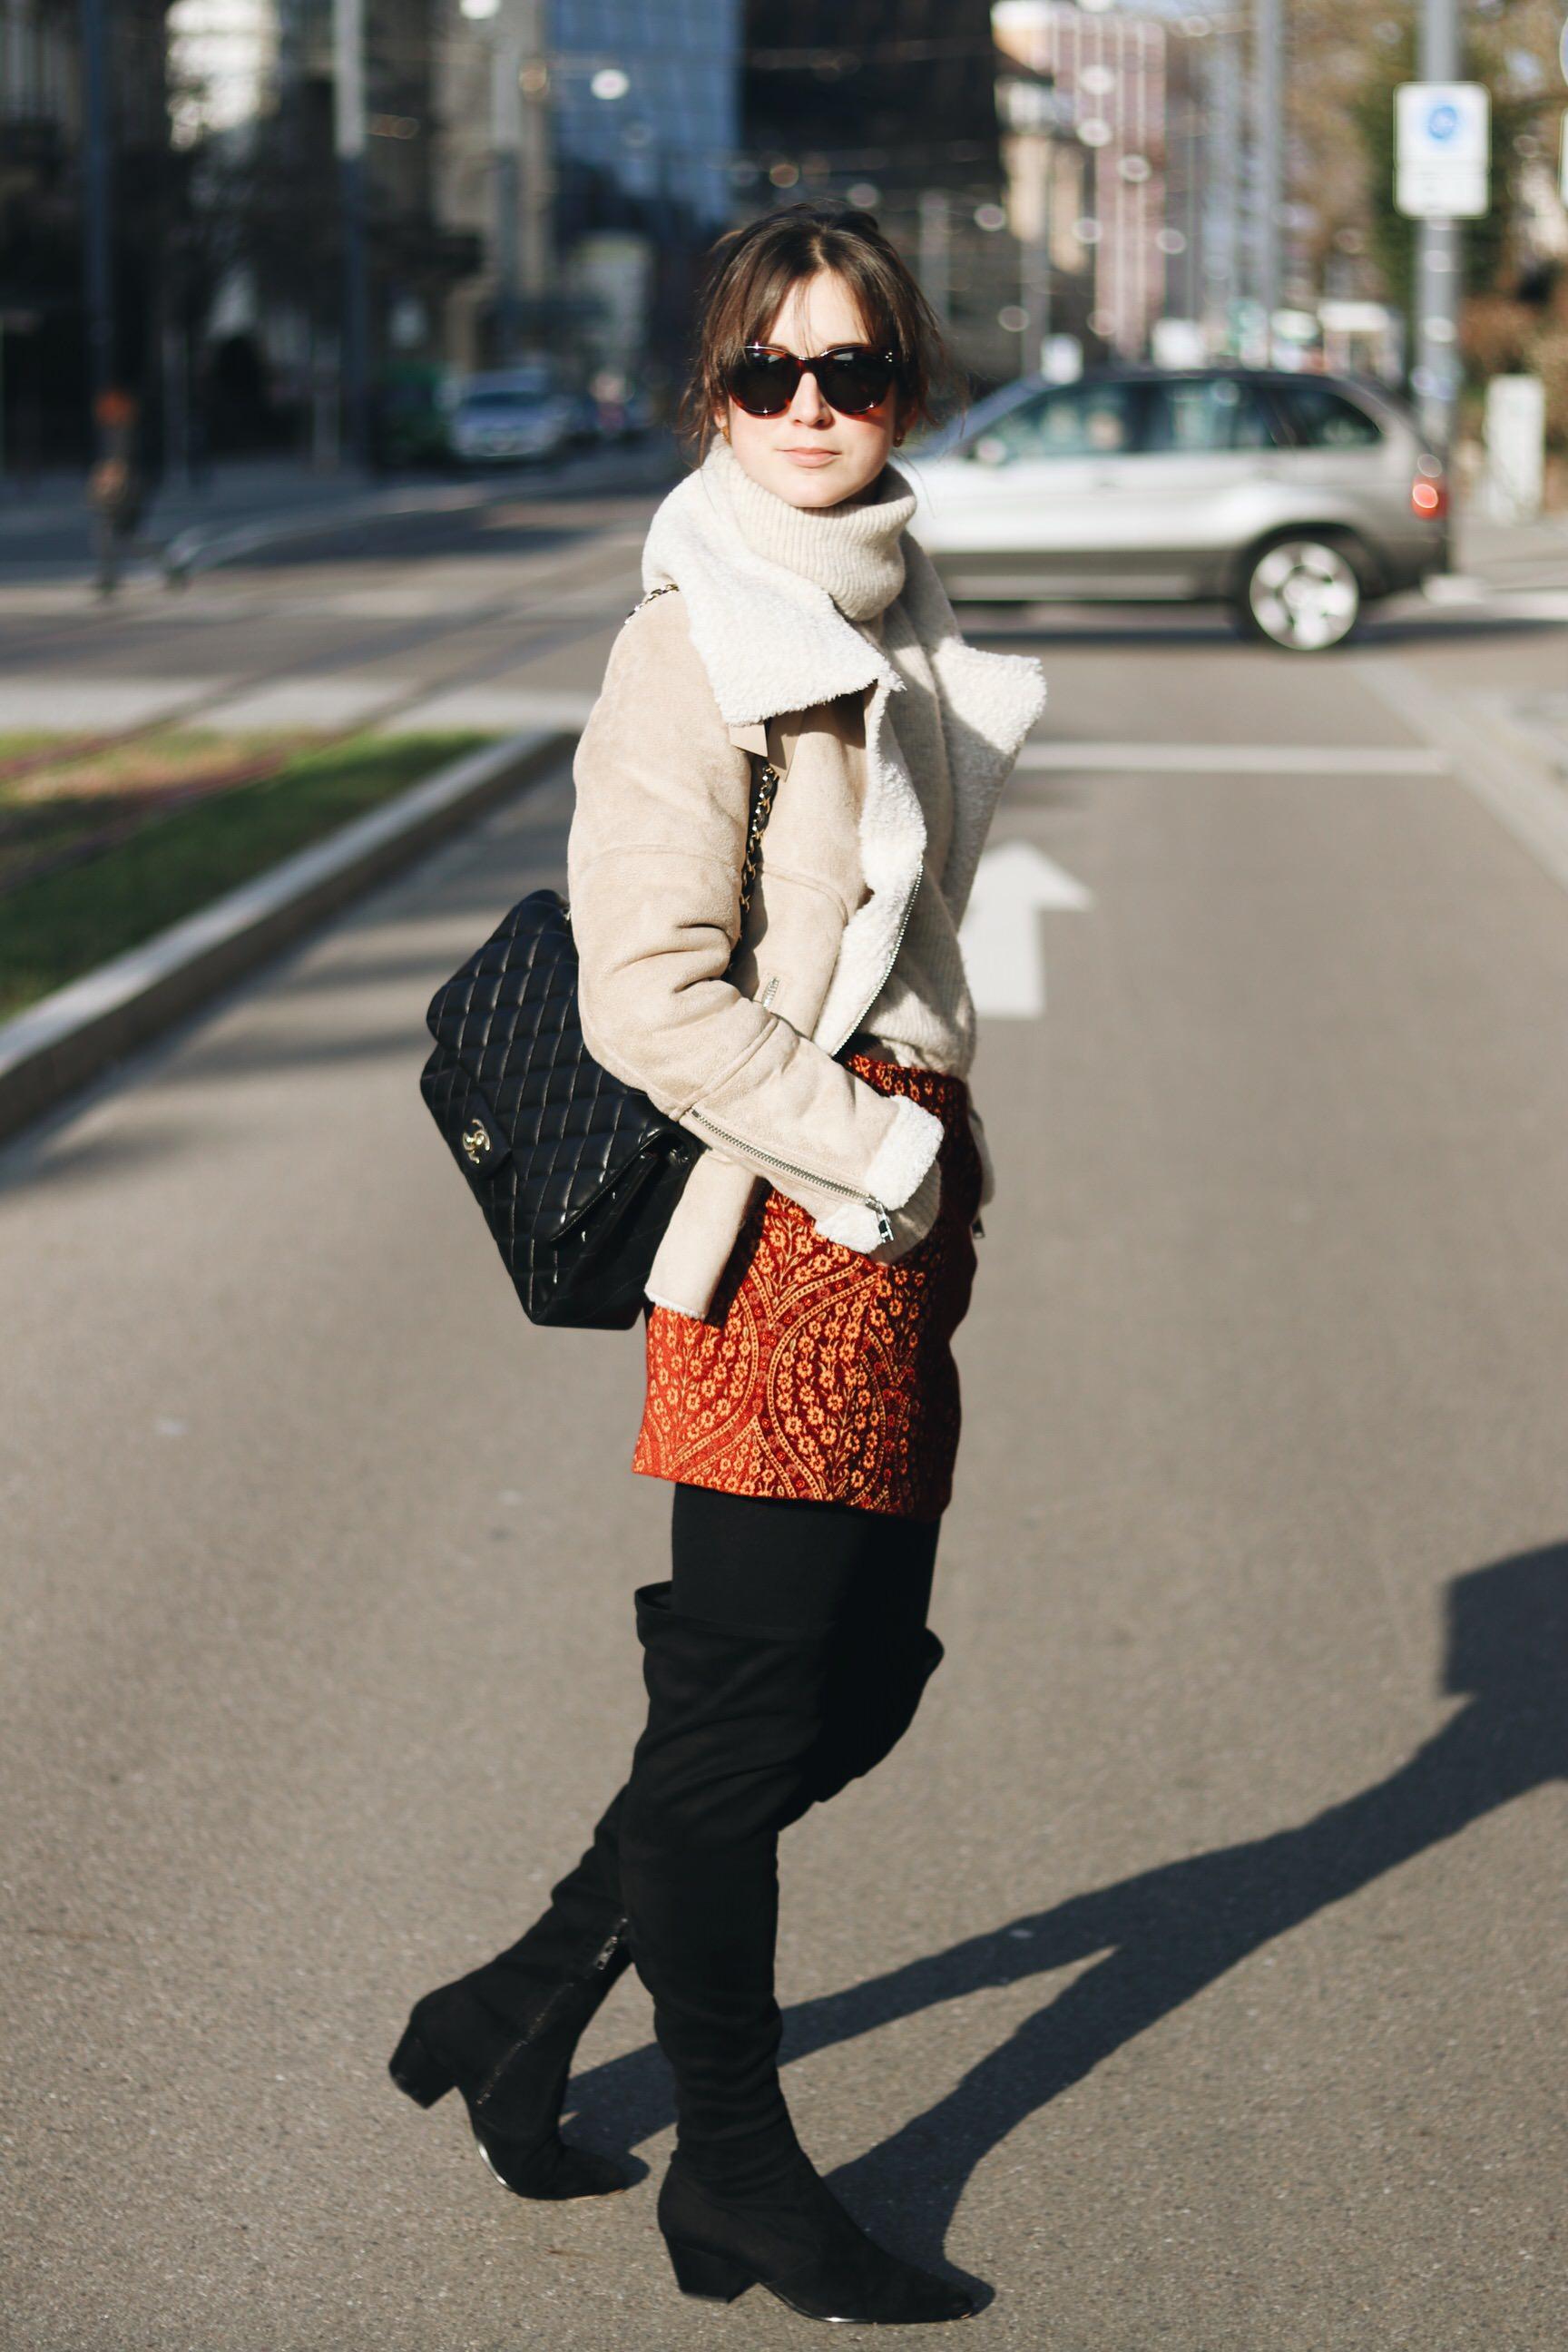 Neele BLoggerin Youtube Modeblog Modetrends Winter Overknees kombinieren Lammfelljacke Minirock Streetstyle die besten Fashionblogs